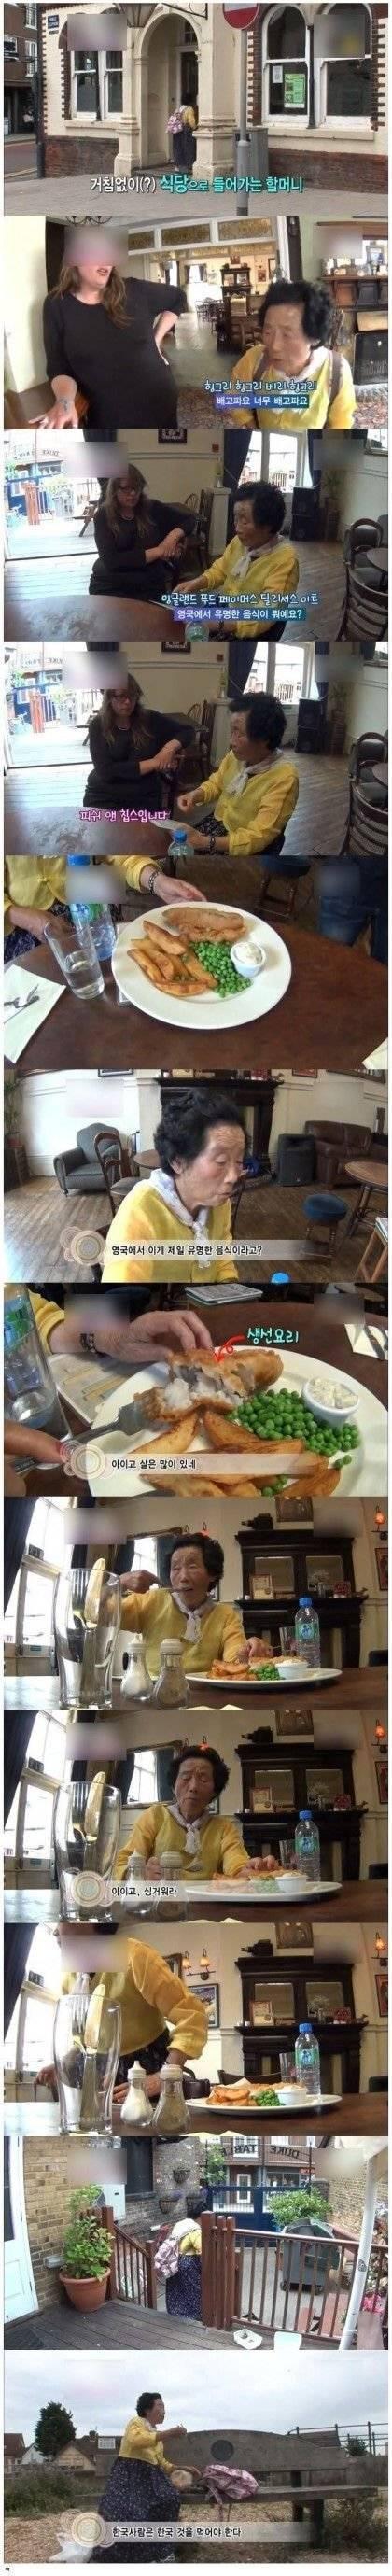 영국음식 드신 할머니 | 인스티즈